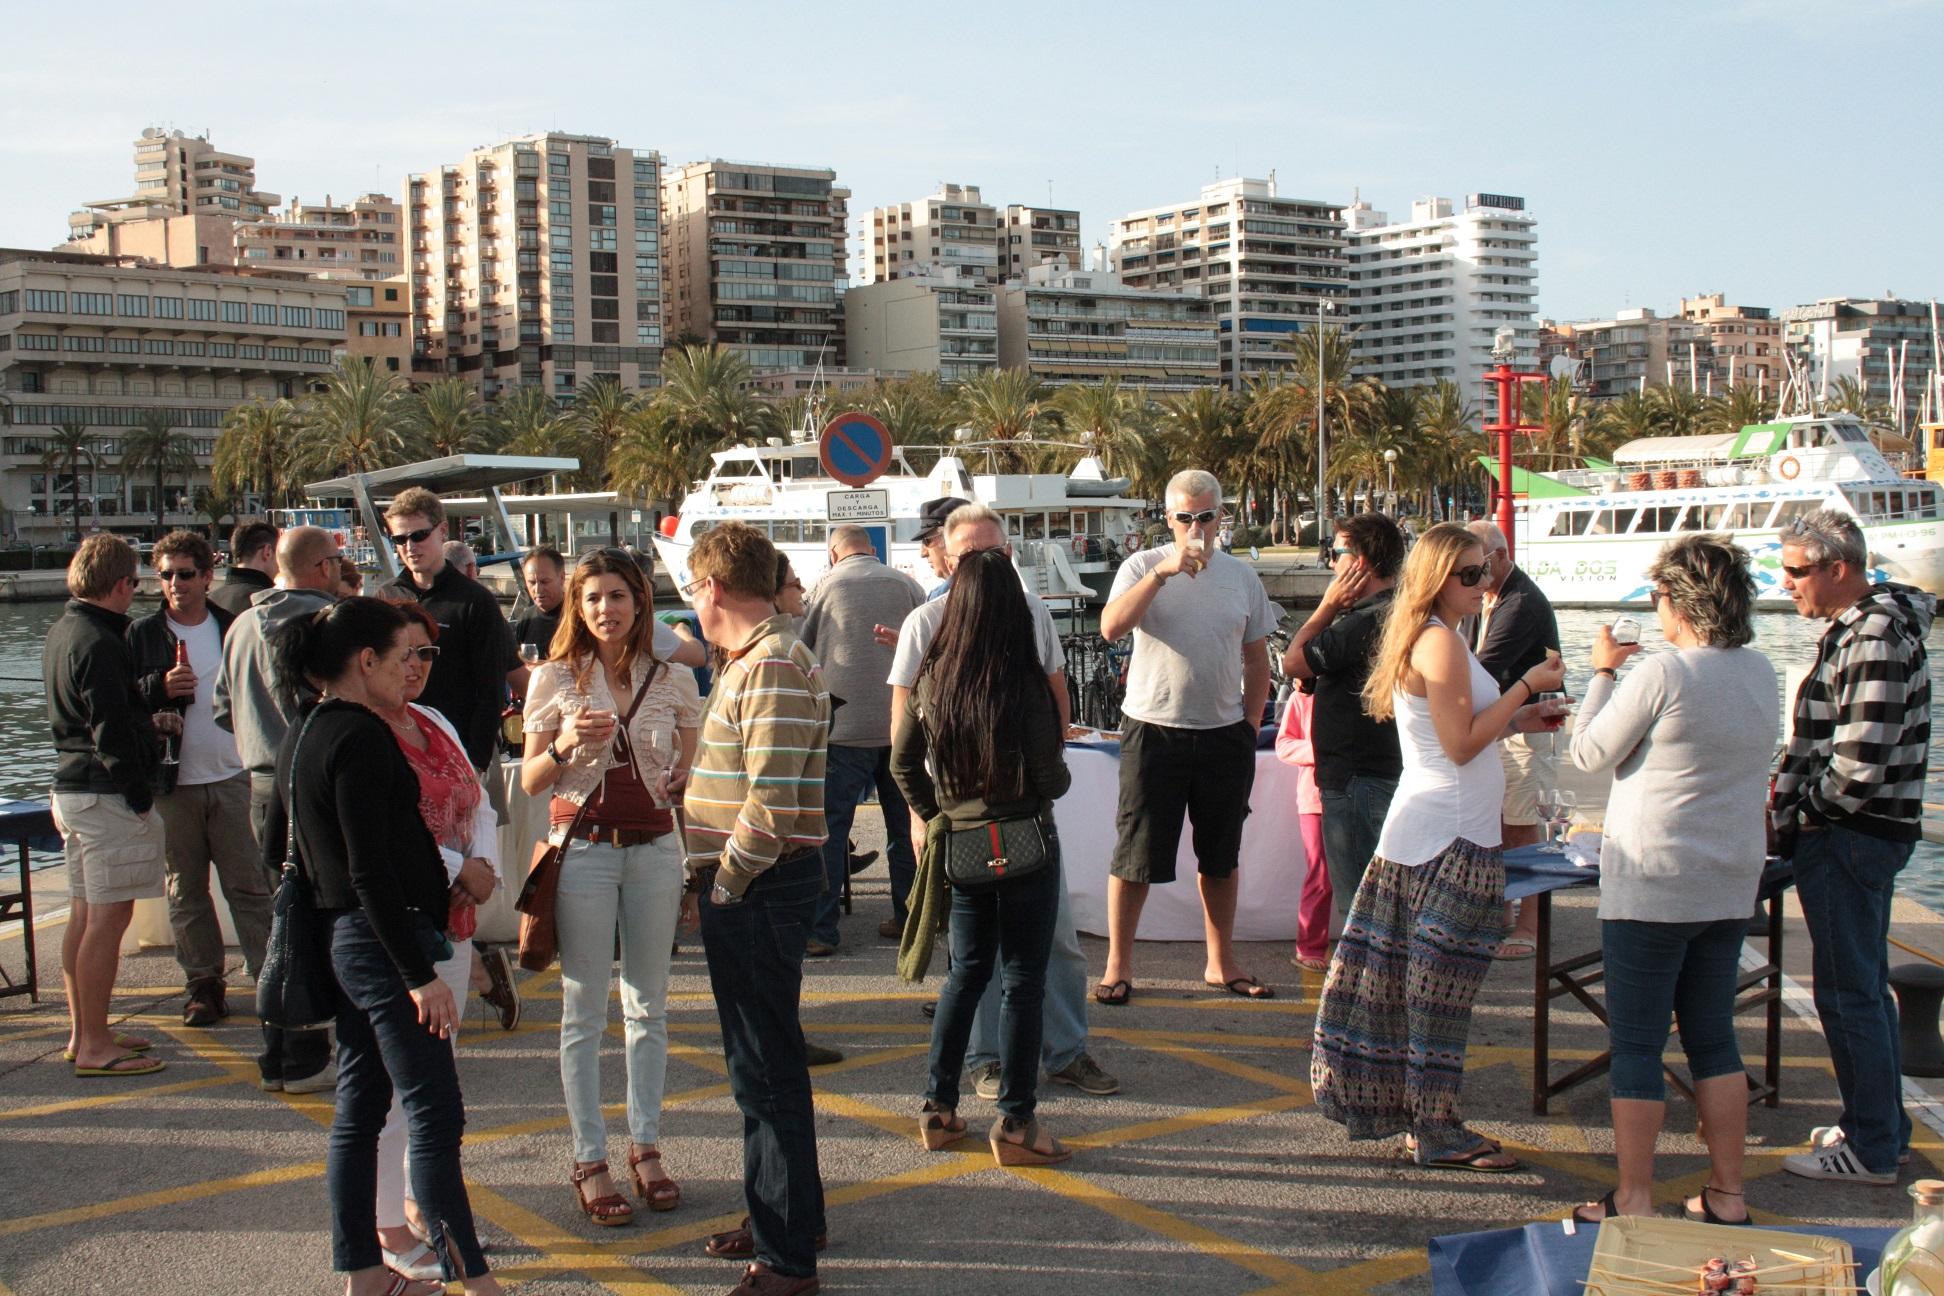 marina-port-de-mallorca-organiza-conéxito-un-evento-social-para-sus-clientes-y-empleados.